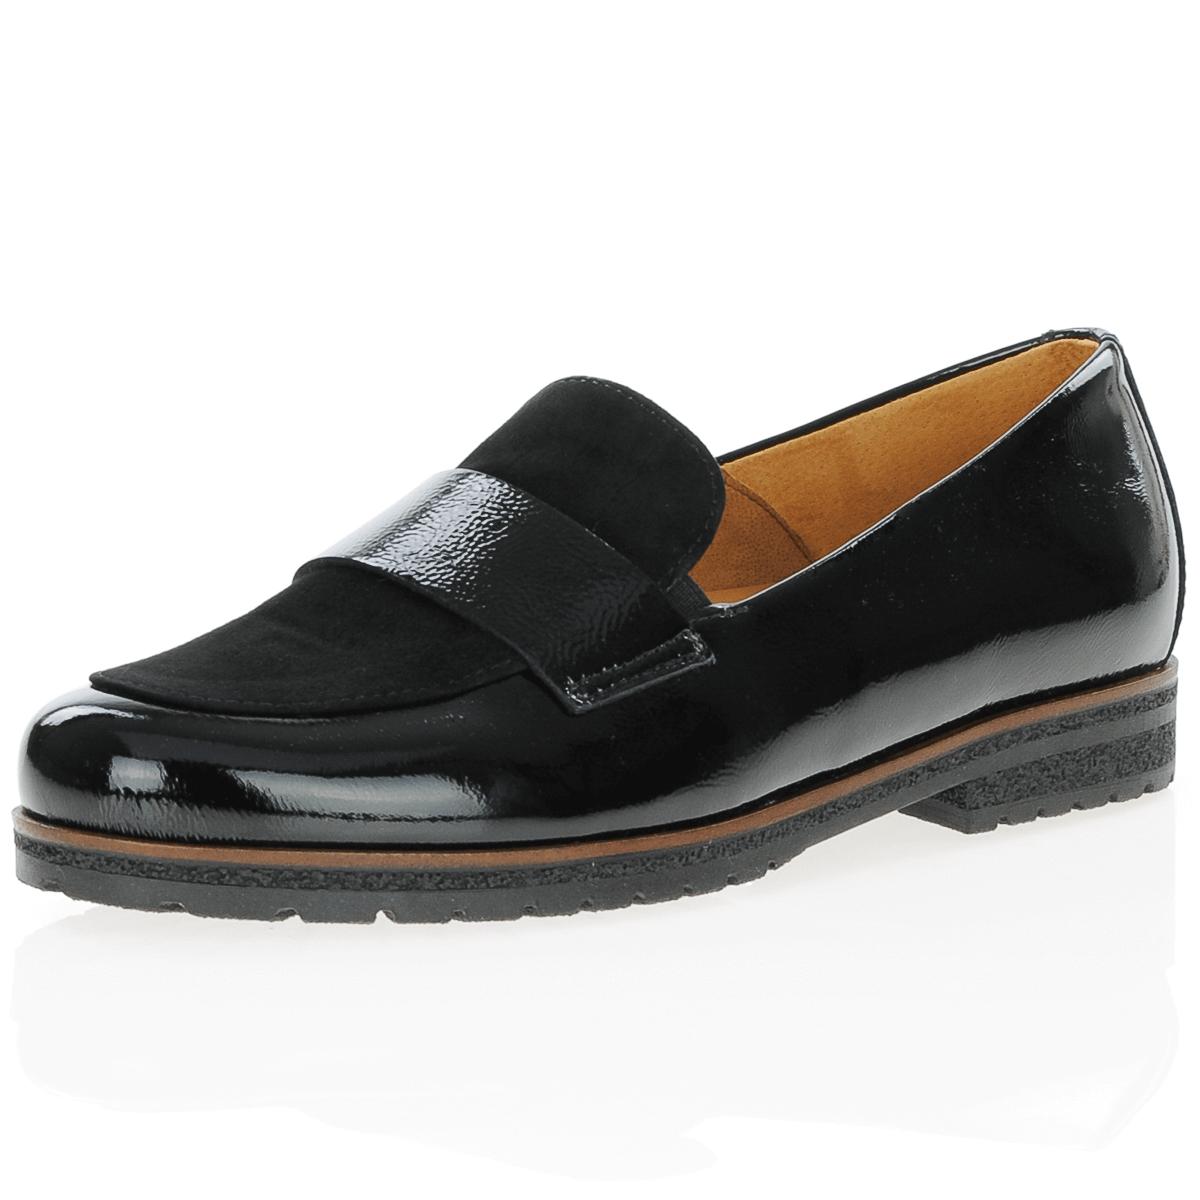 Gabor - 432.37 Patent Loafer, Black